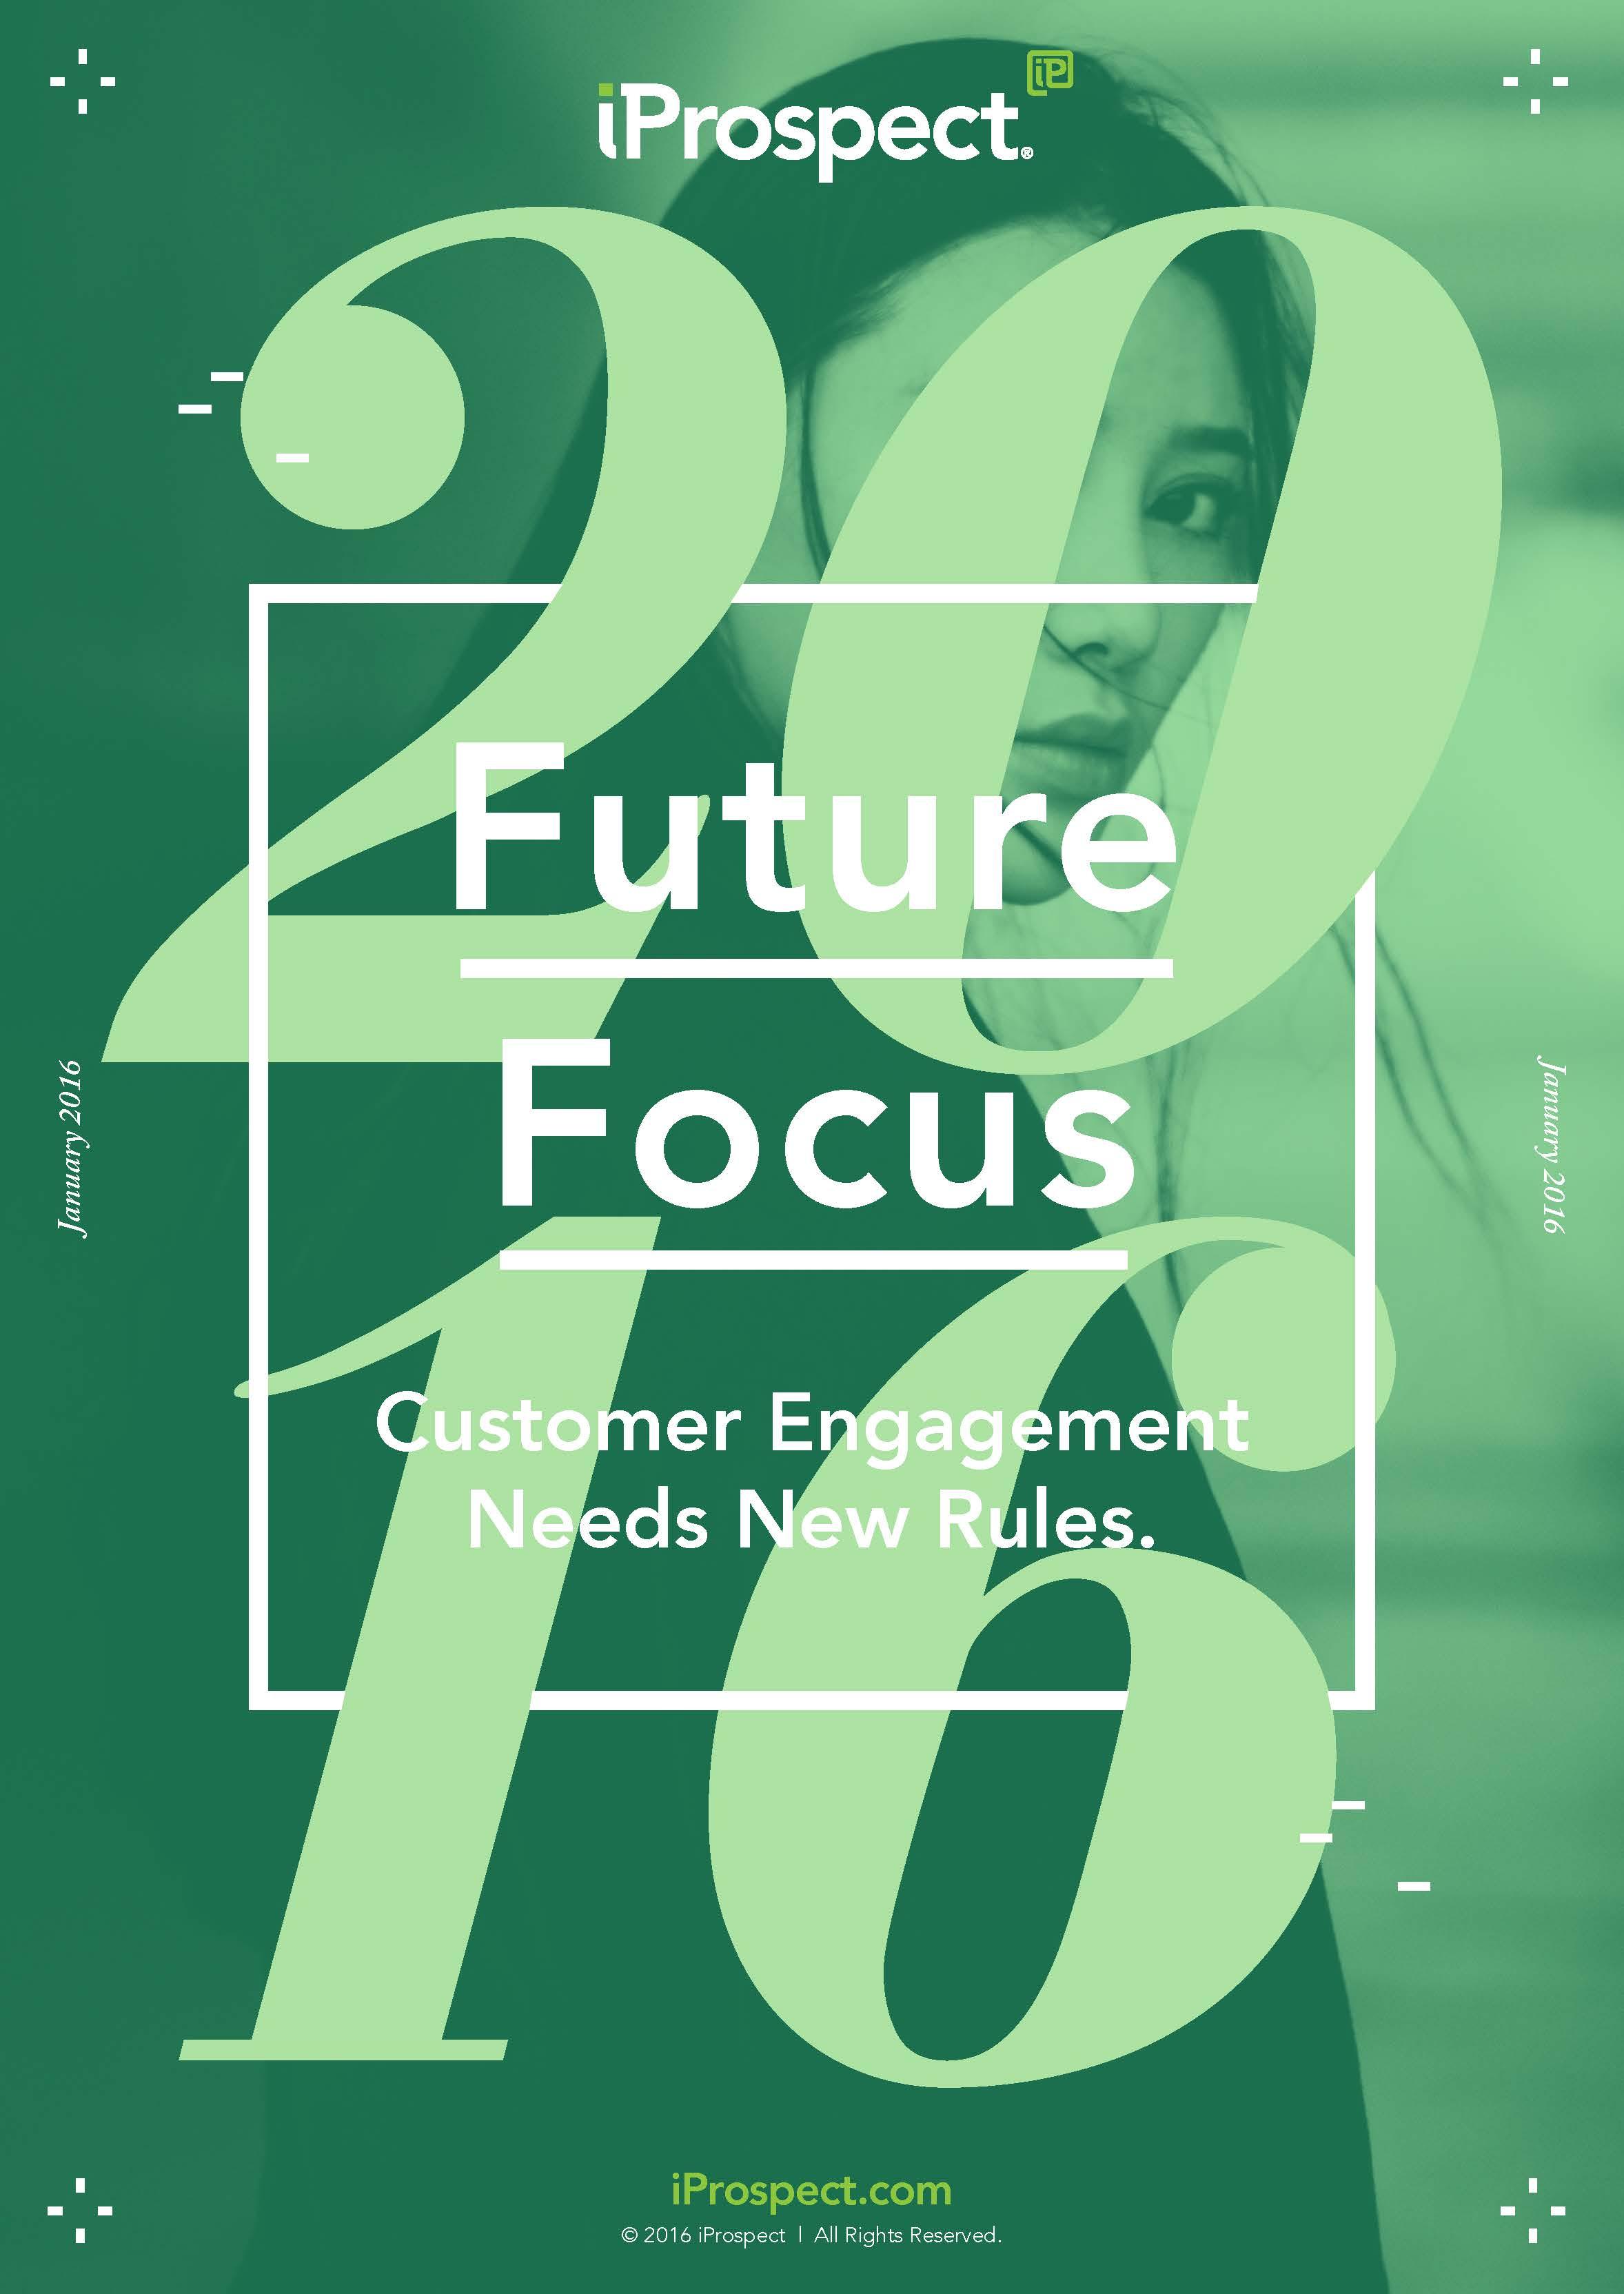 Customer Engagement Needs